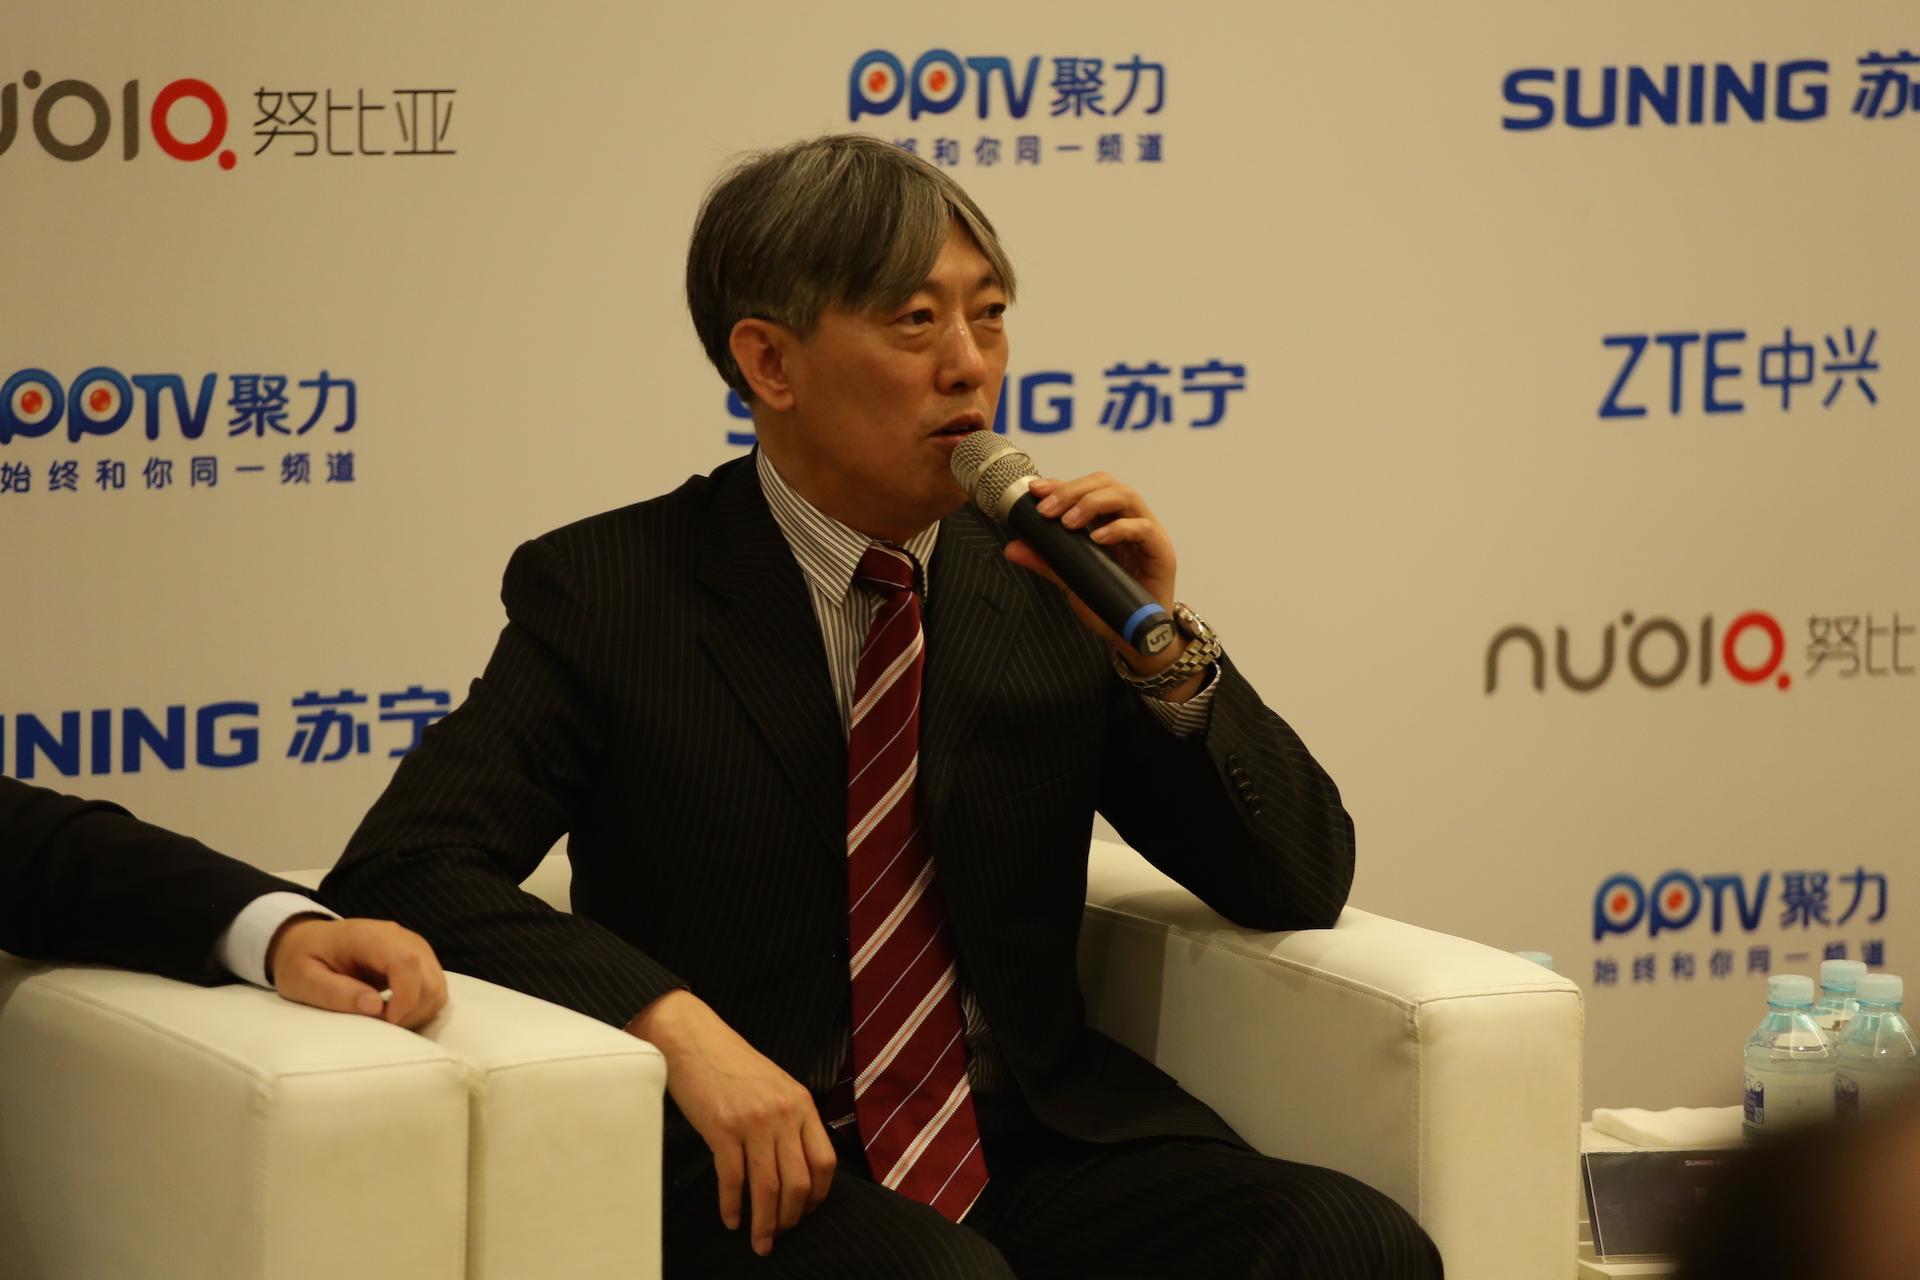 努比亚品牌创始人、努比亚技术有限公司总裁里强